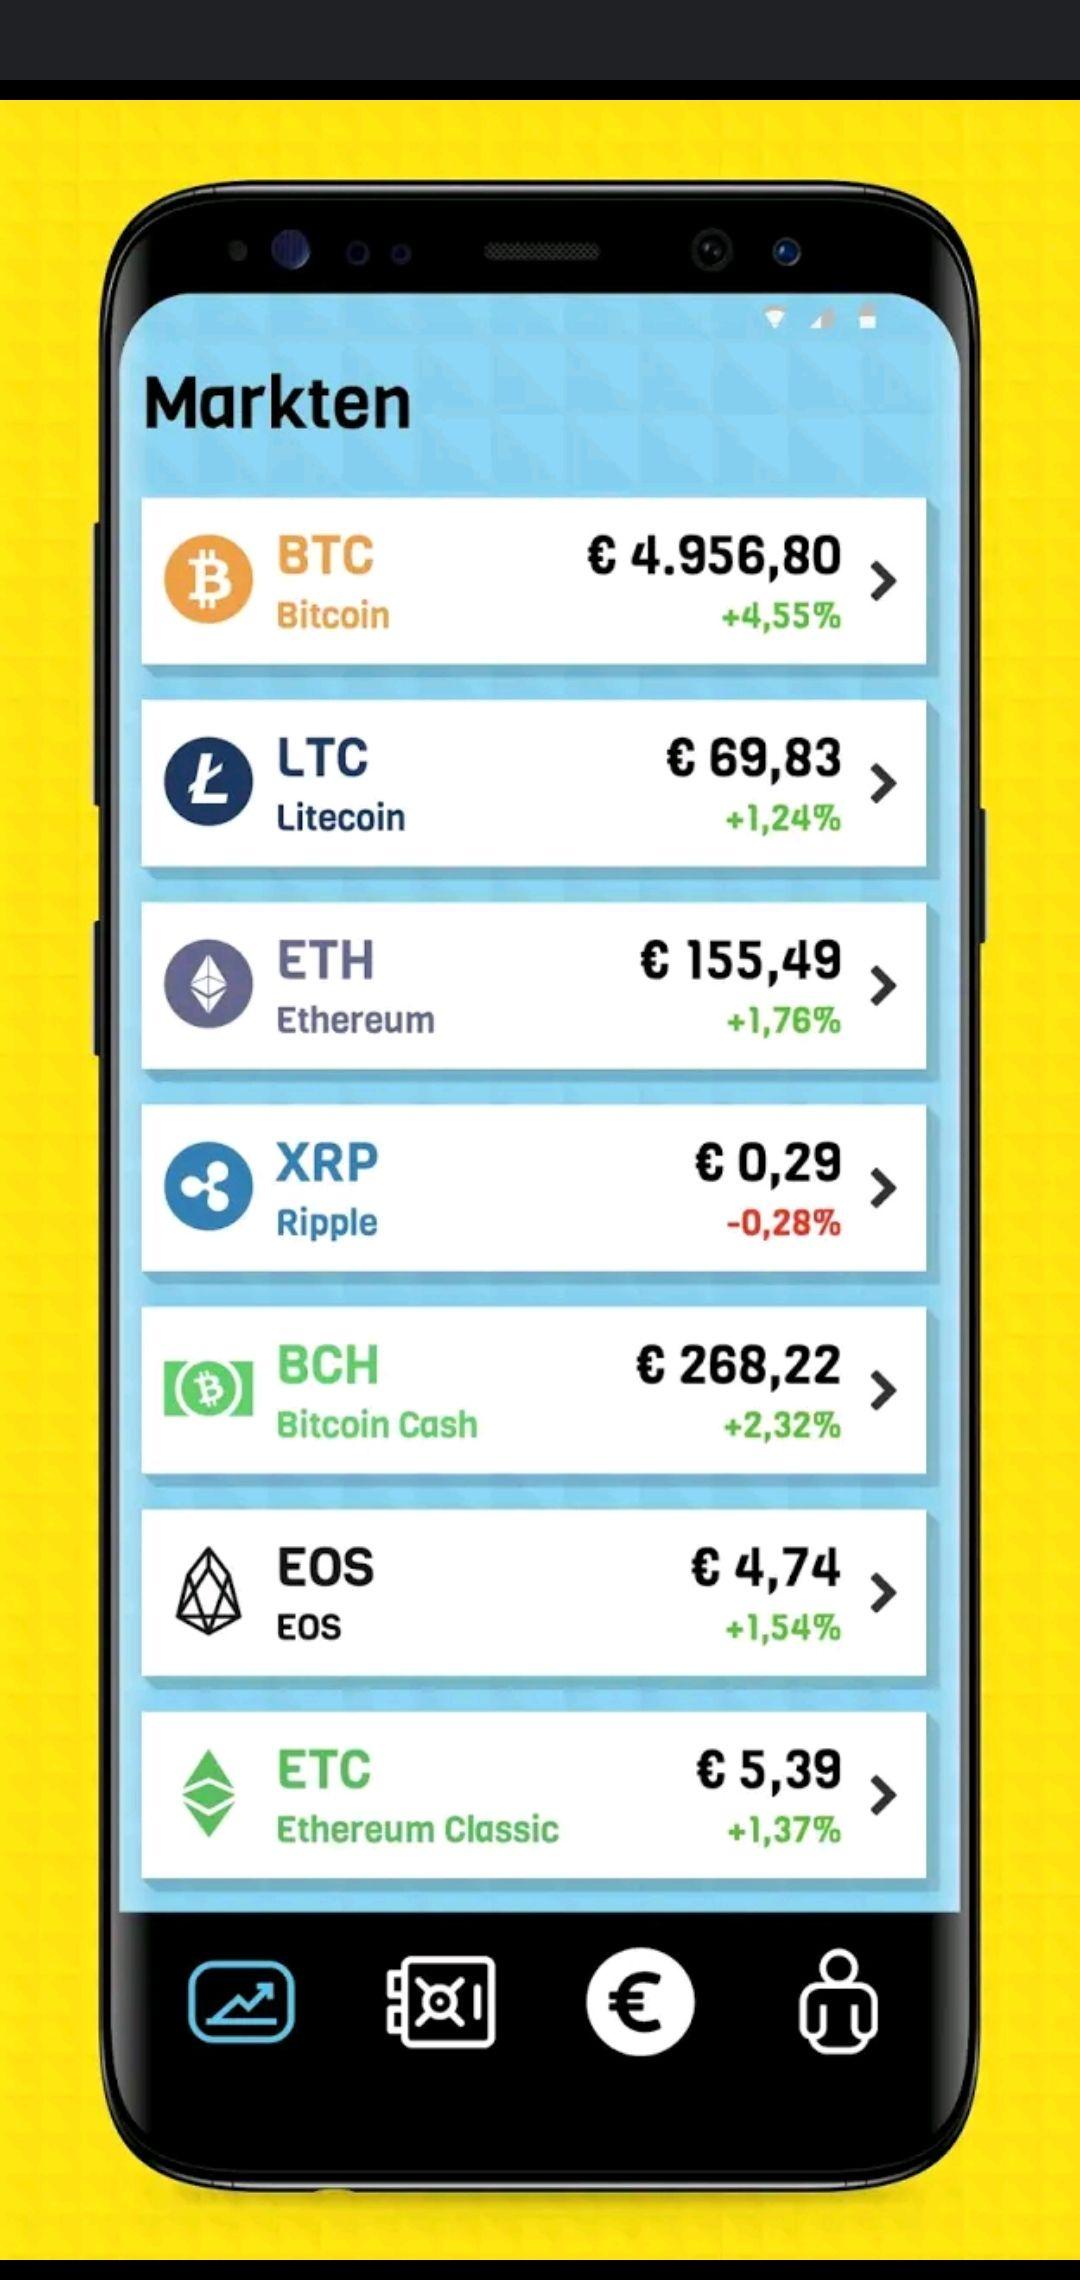 [Gratis Geld] 5€ tegoed bij WeAreBlox.com cryptocurrency